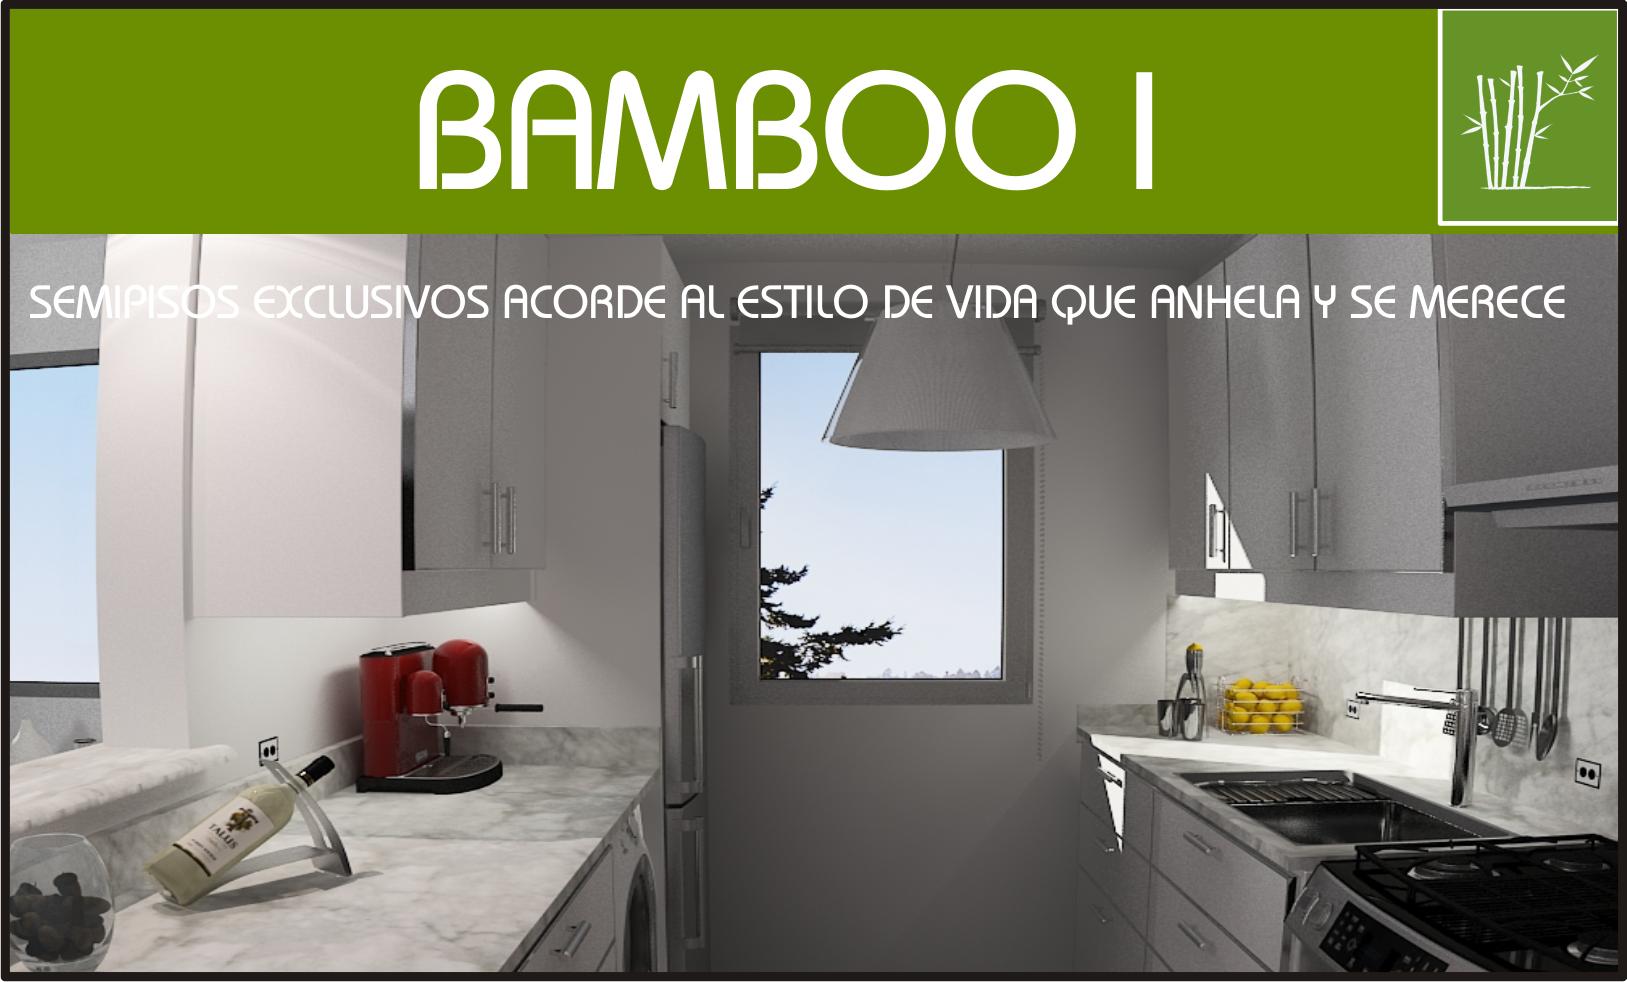 COCINA | SEMIPISOS BAMBOO I | Pinterest